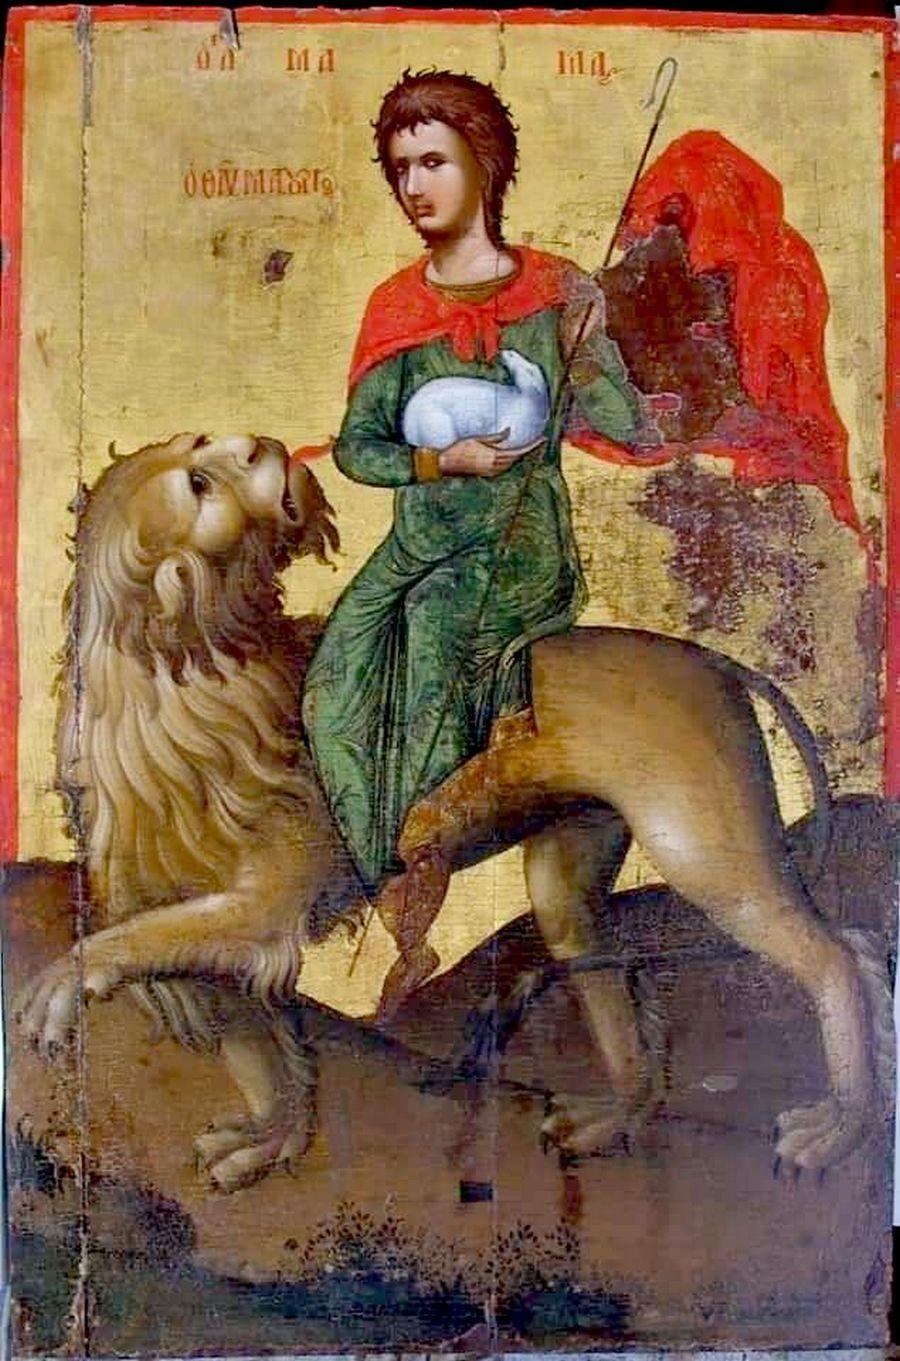 Святой Мученик Мамант Кесарийский. Кипрская икона. XVI век (?).